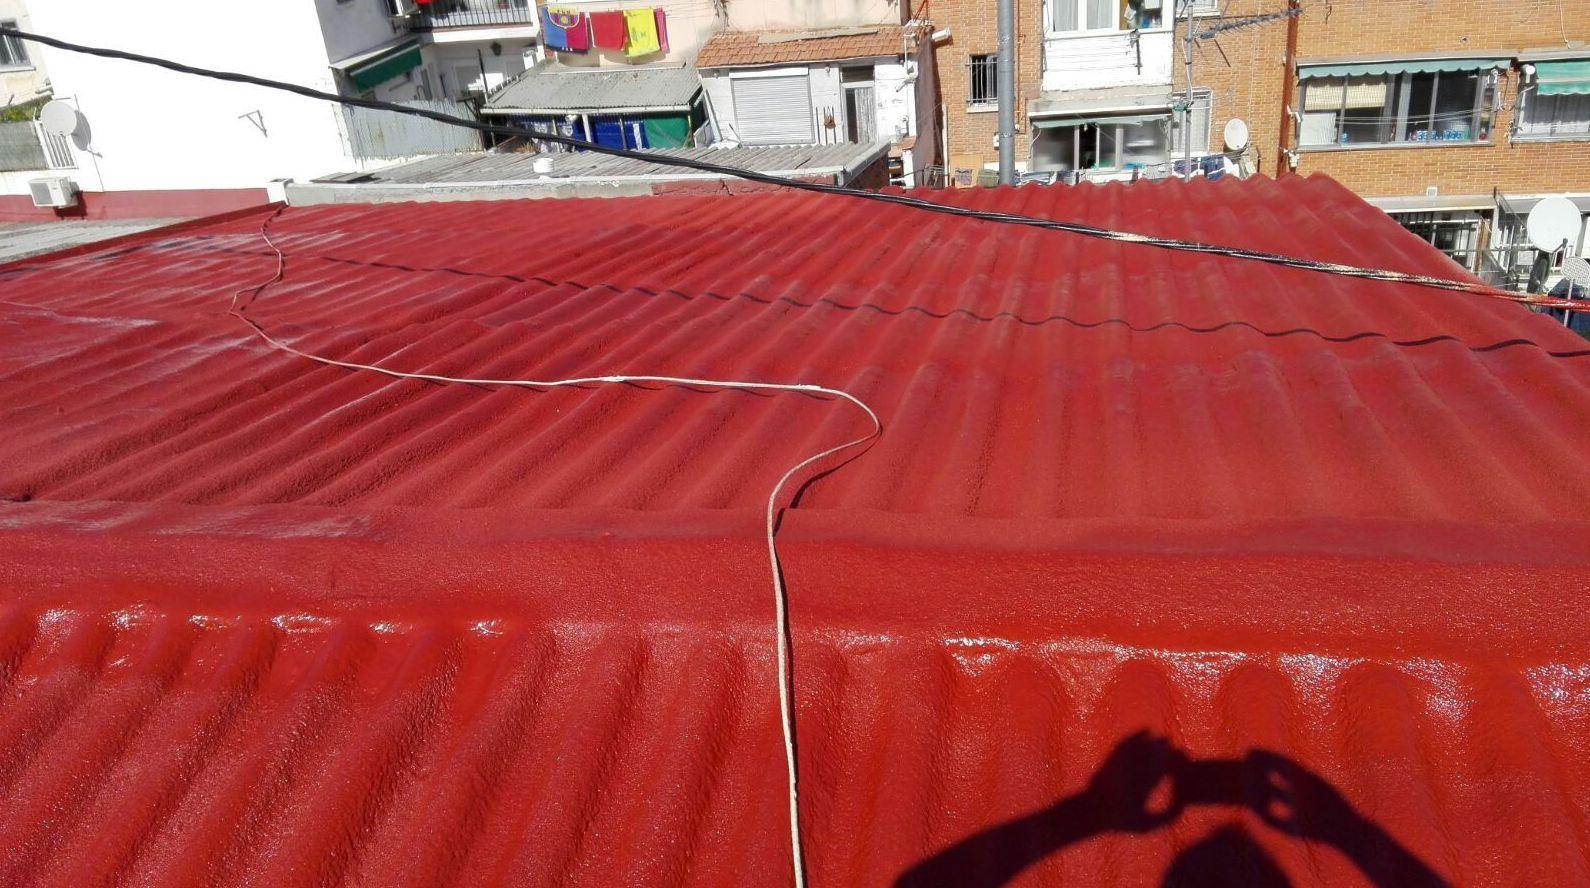 Poliuretano proyectado en rojo sobre cubierta de uralita en Madrid